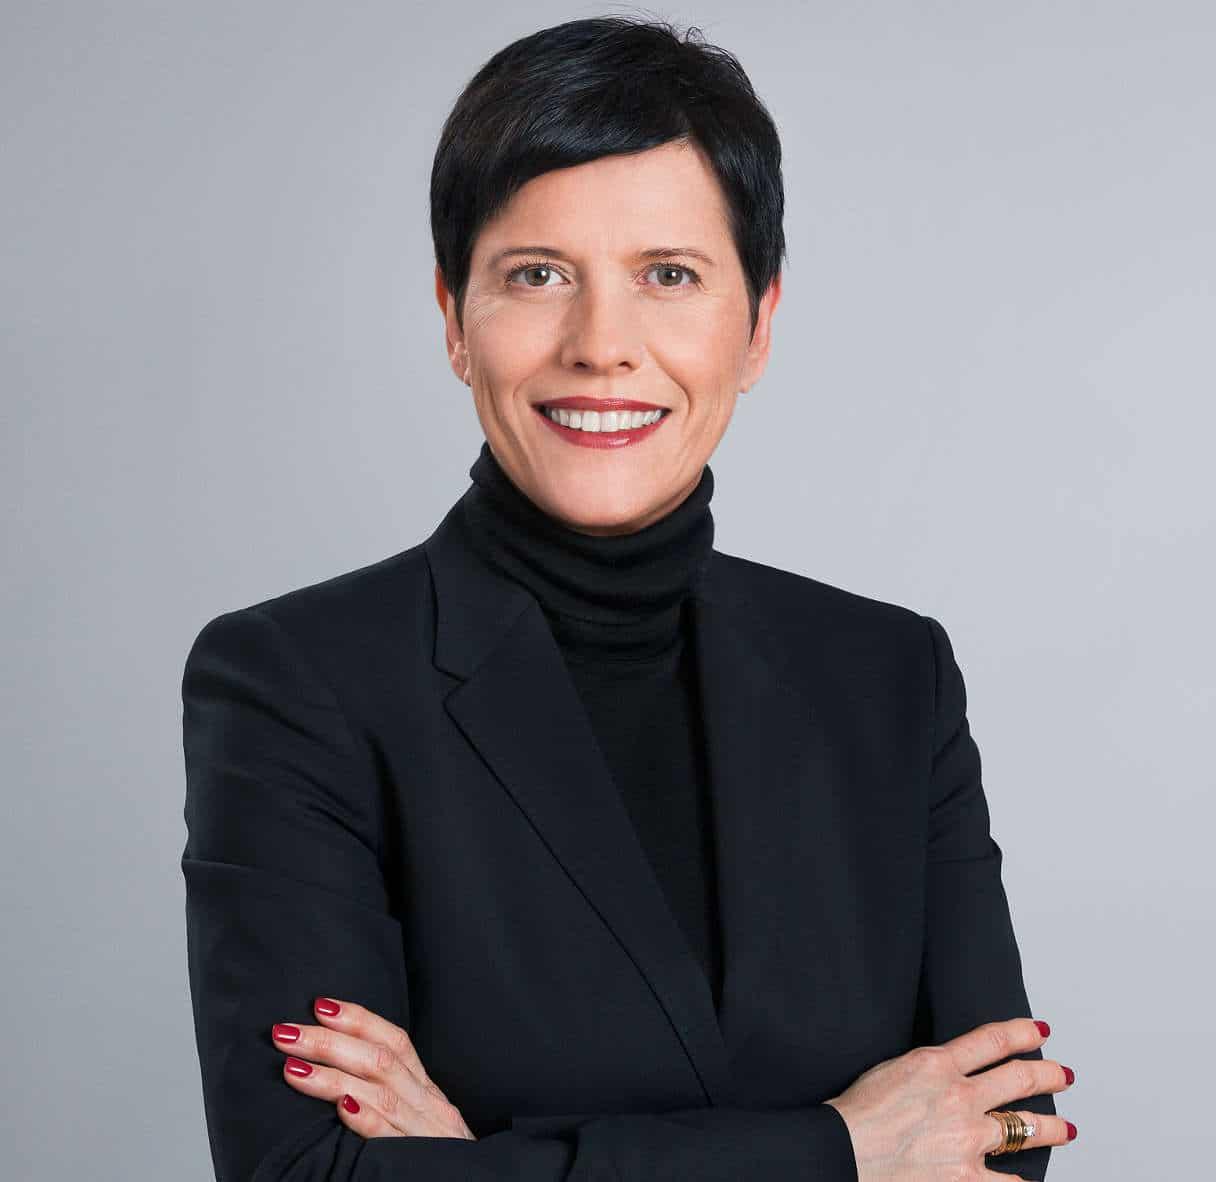 Sabine Herfurtner